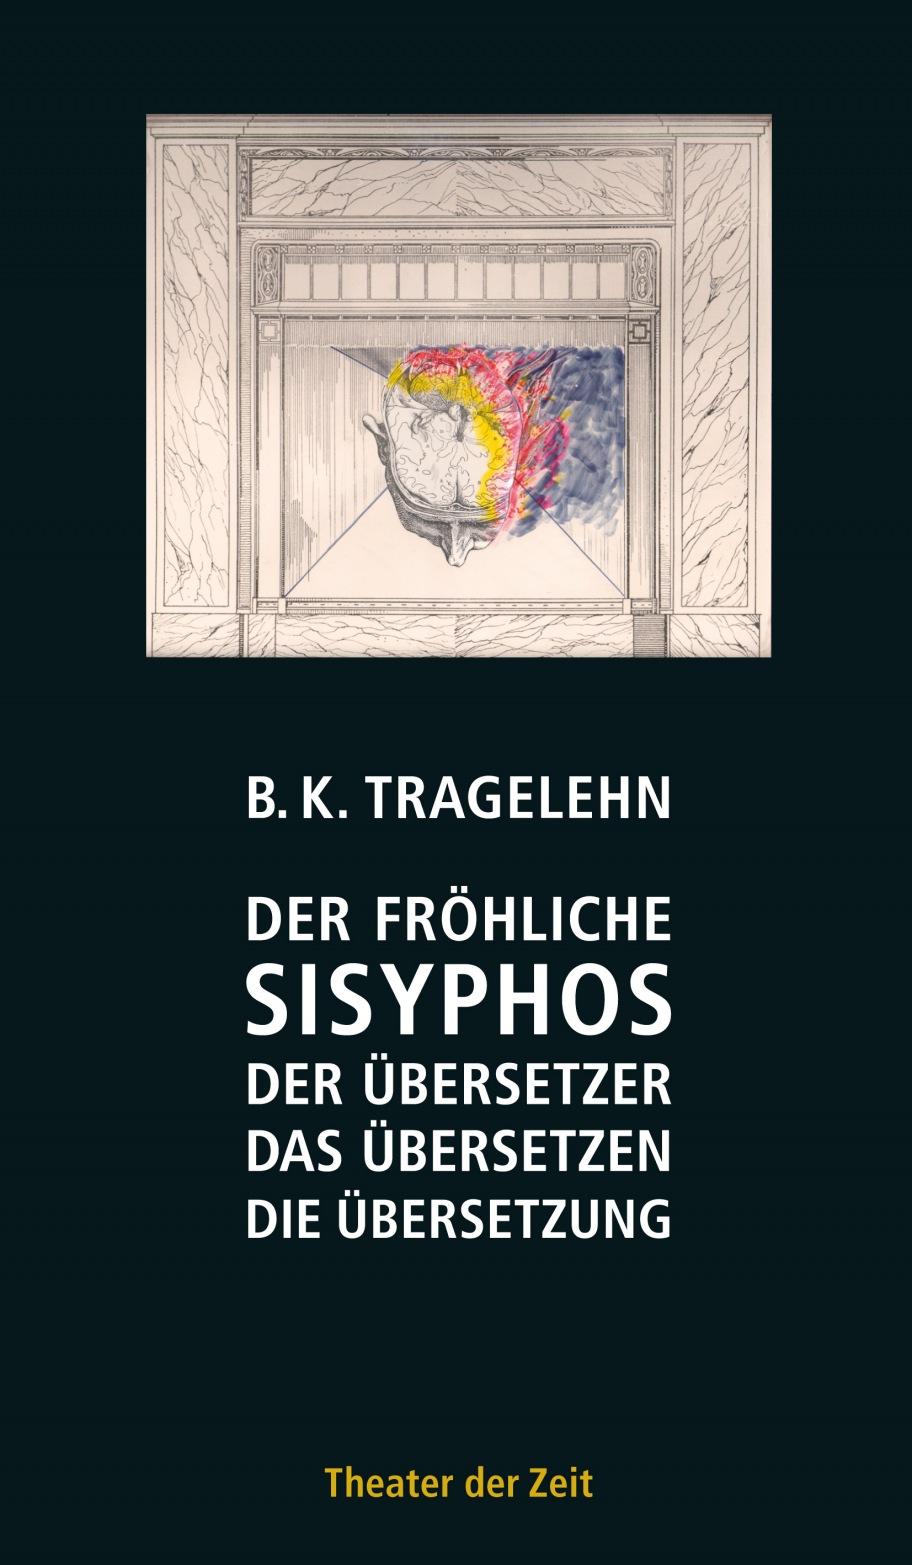 B. K. Tragelehn: Der fröhliche Sisyphos